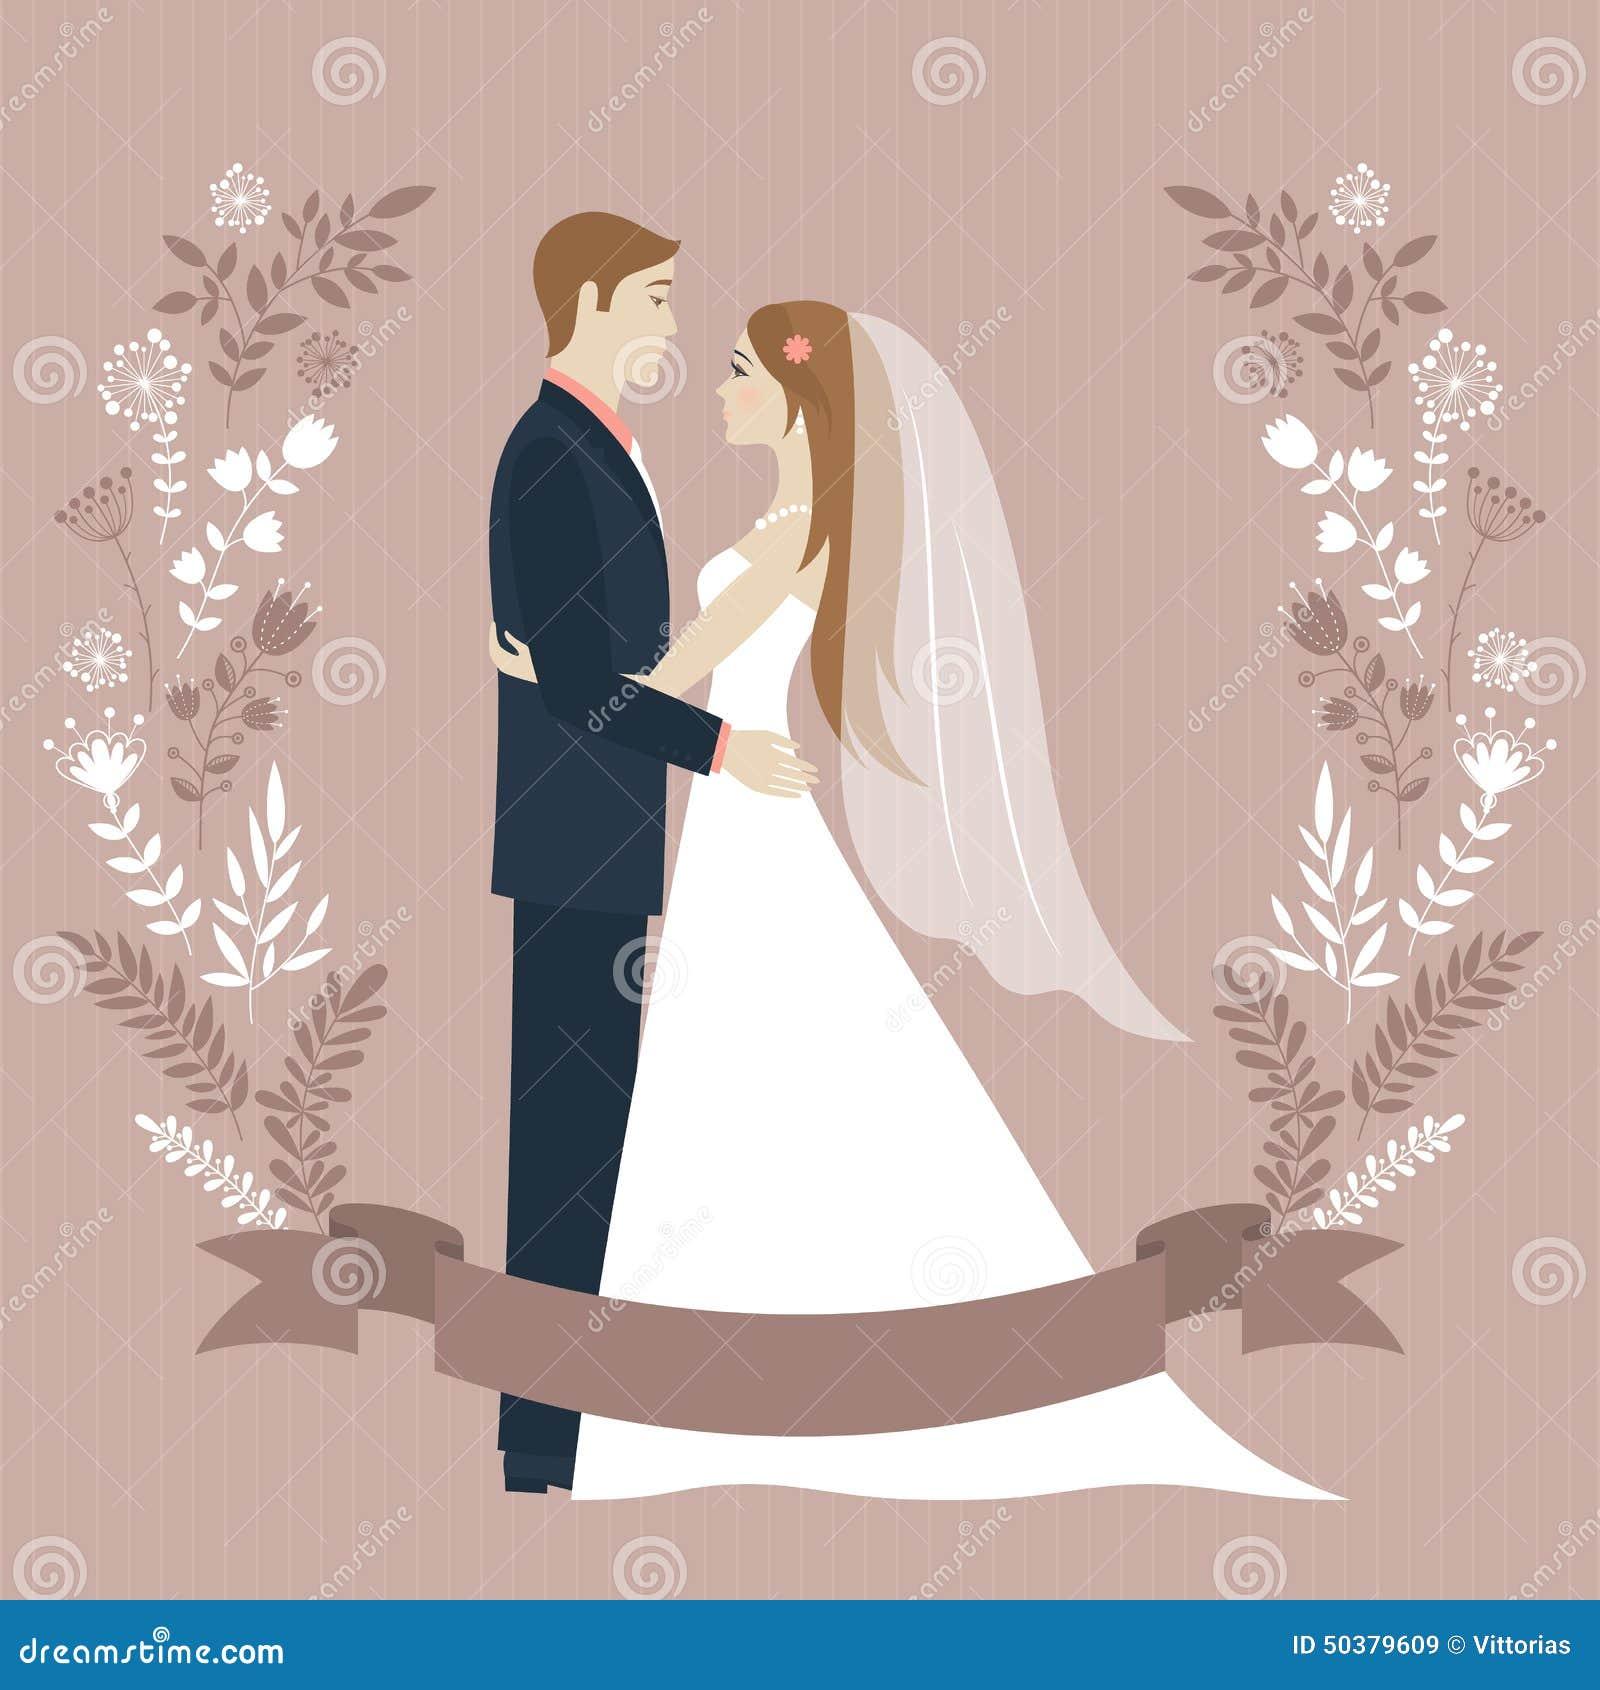 wedding day illustration stock vector image 50379609. Black Bedroom Furniture Sets. Home Design Ideas